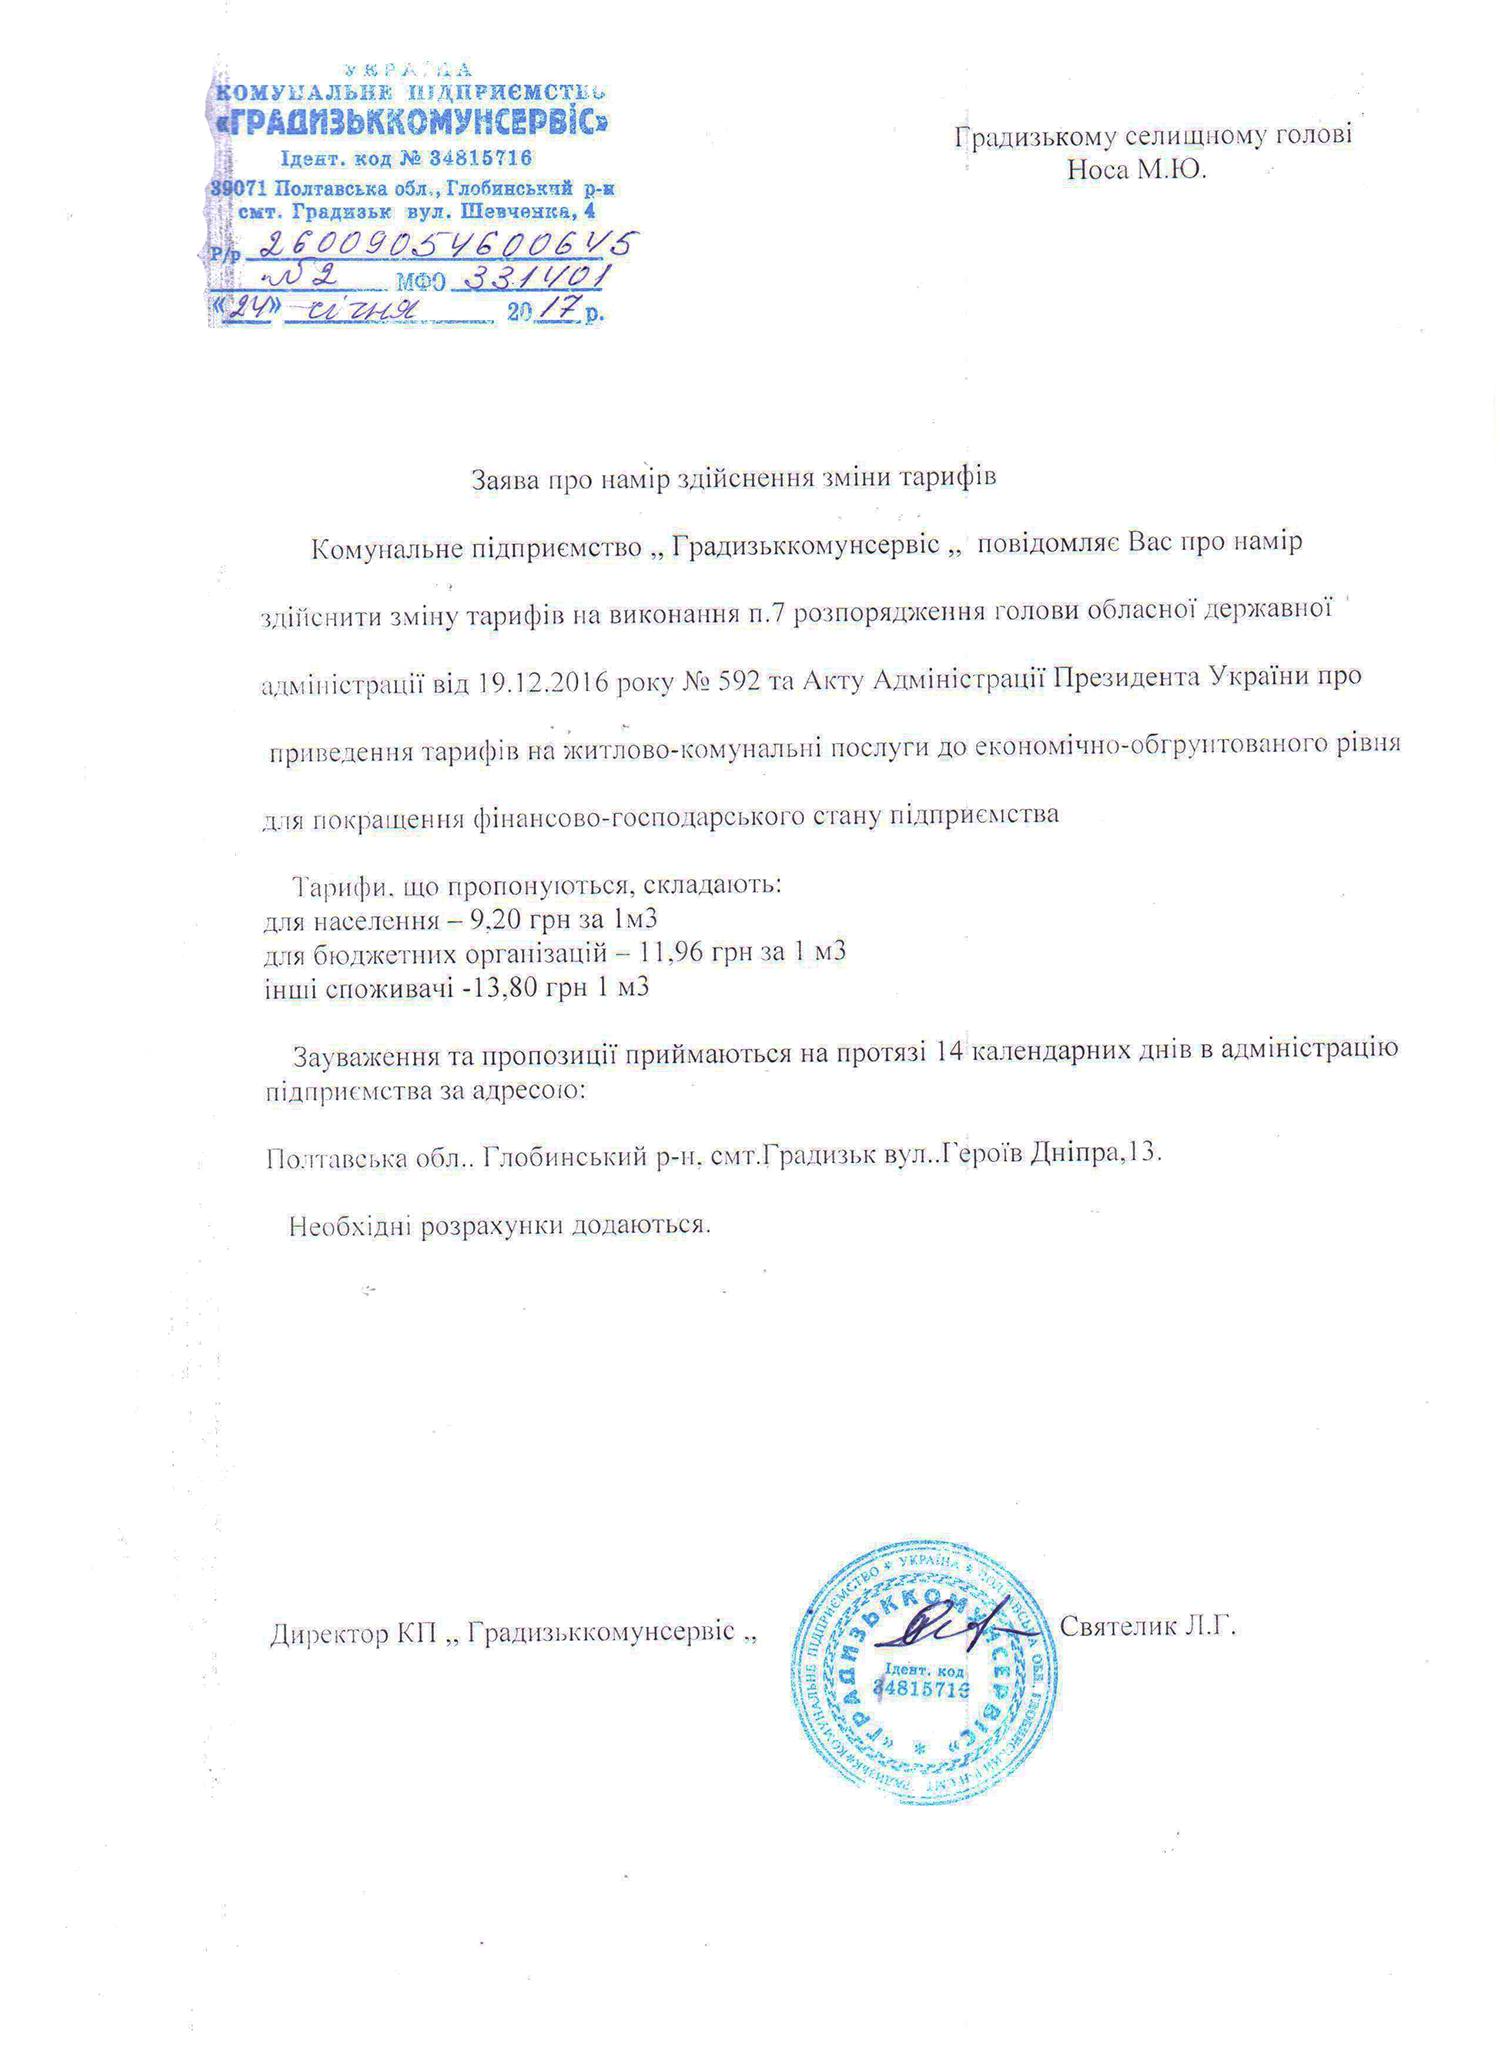 http://gradizka-rada.gov.ua/wp-content/uploads/2017/01/001.jpg